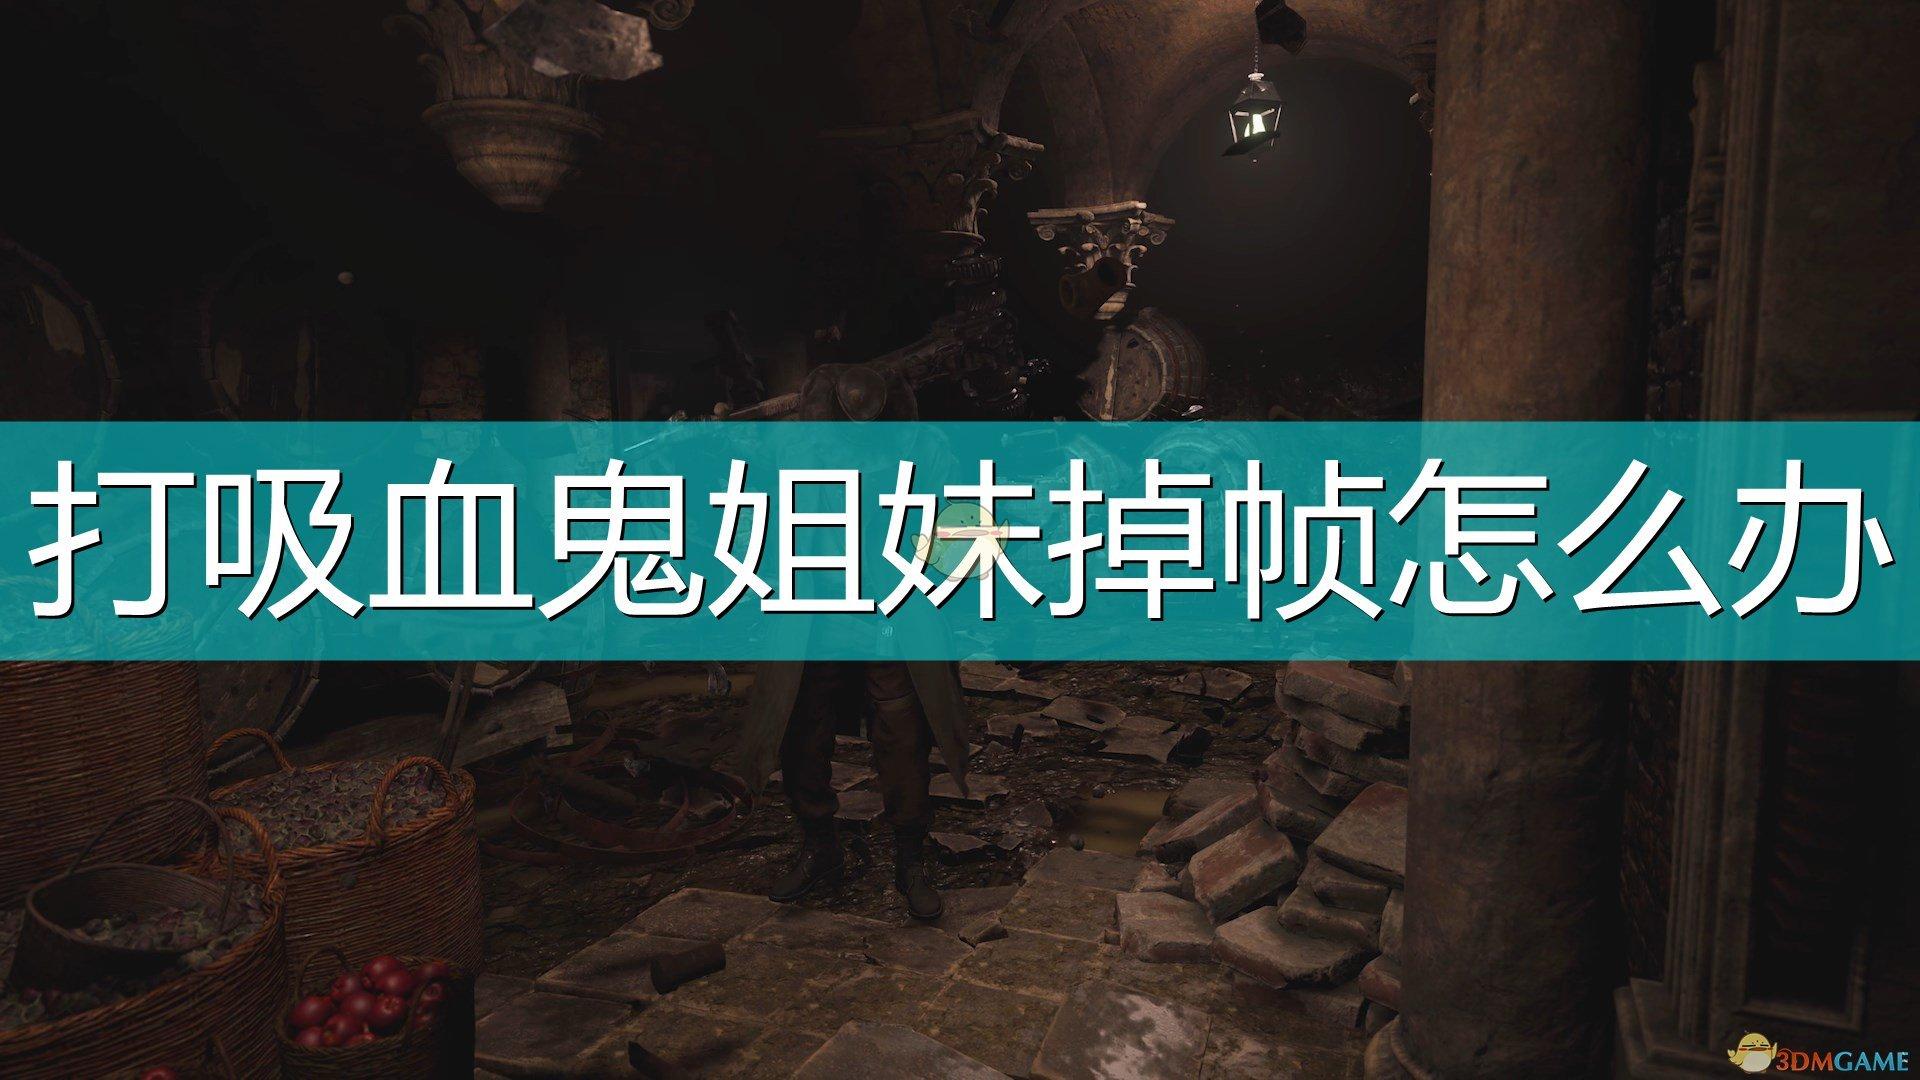 《生化危机8:村庄》打吸血鬼三姐妹掉帧解决方法介绍